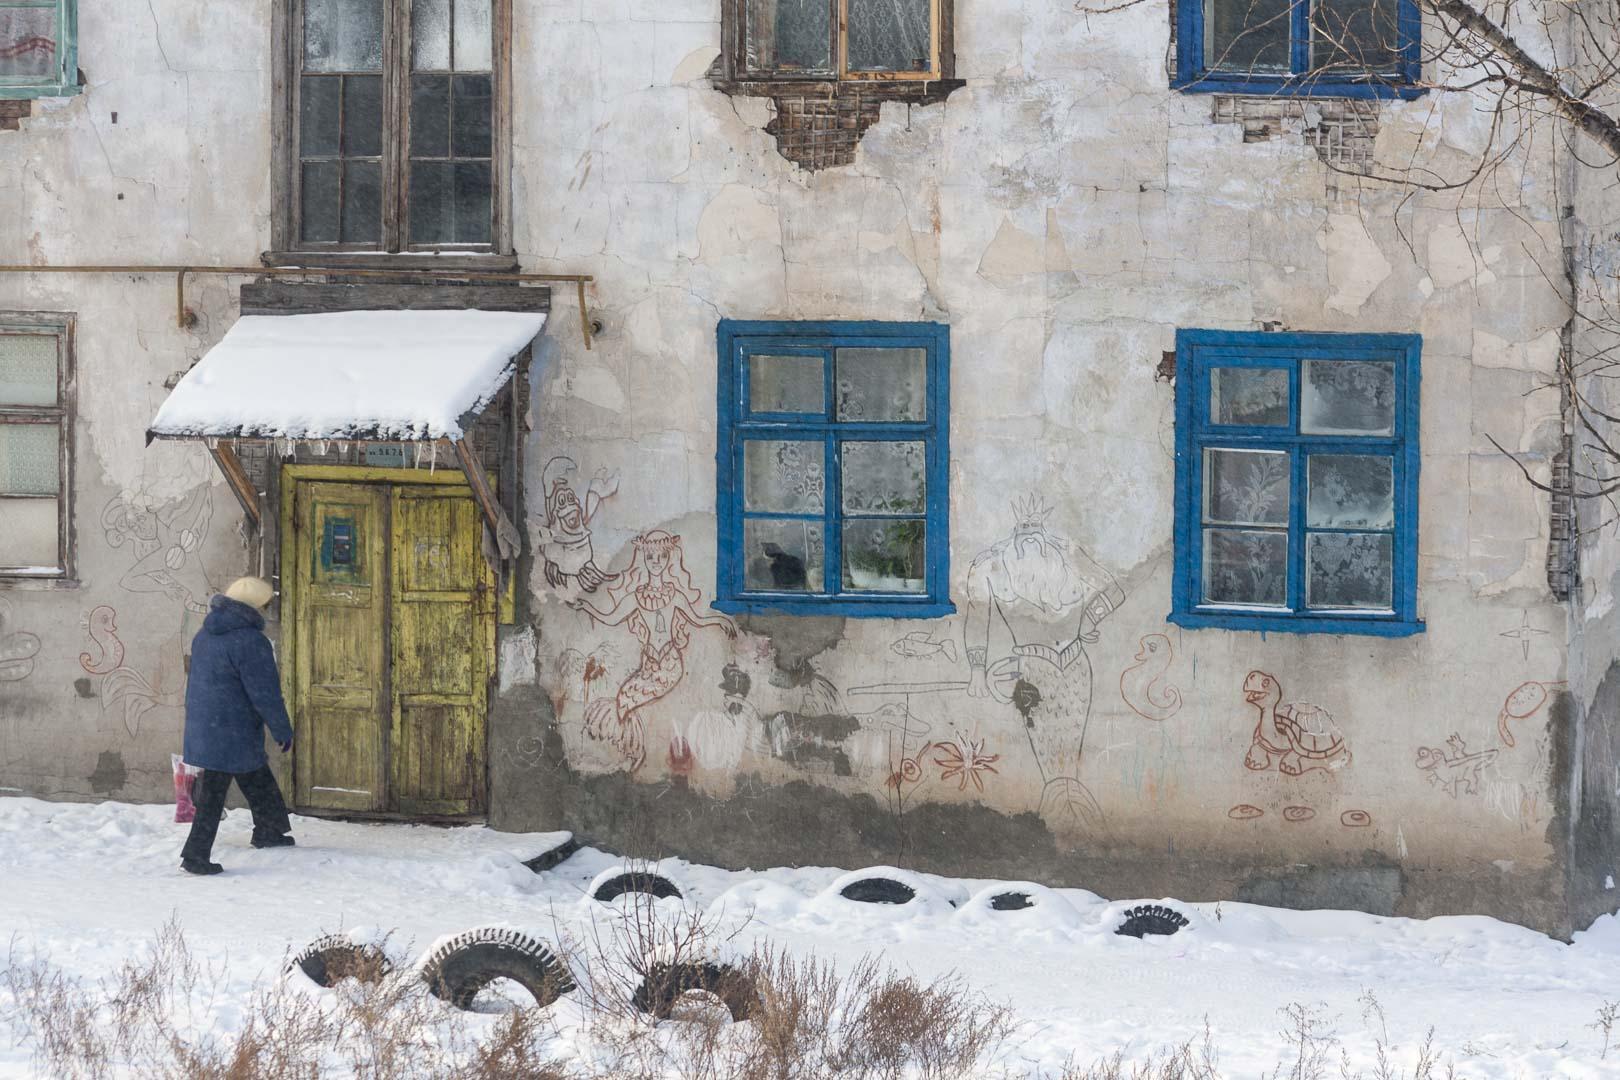 Dzerzhinsk, Nizhegorodskaya Oblast – Russia